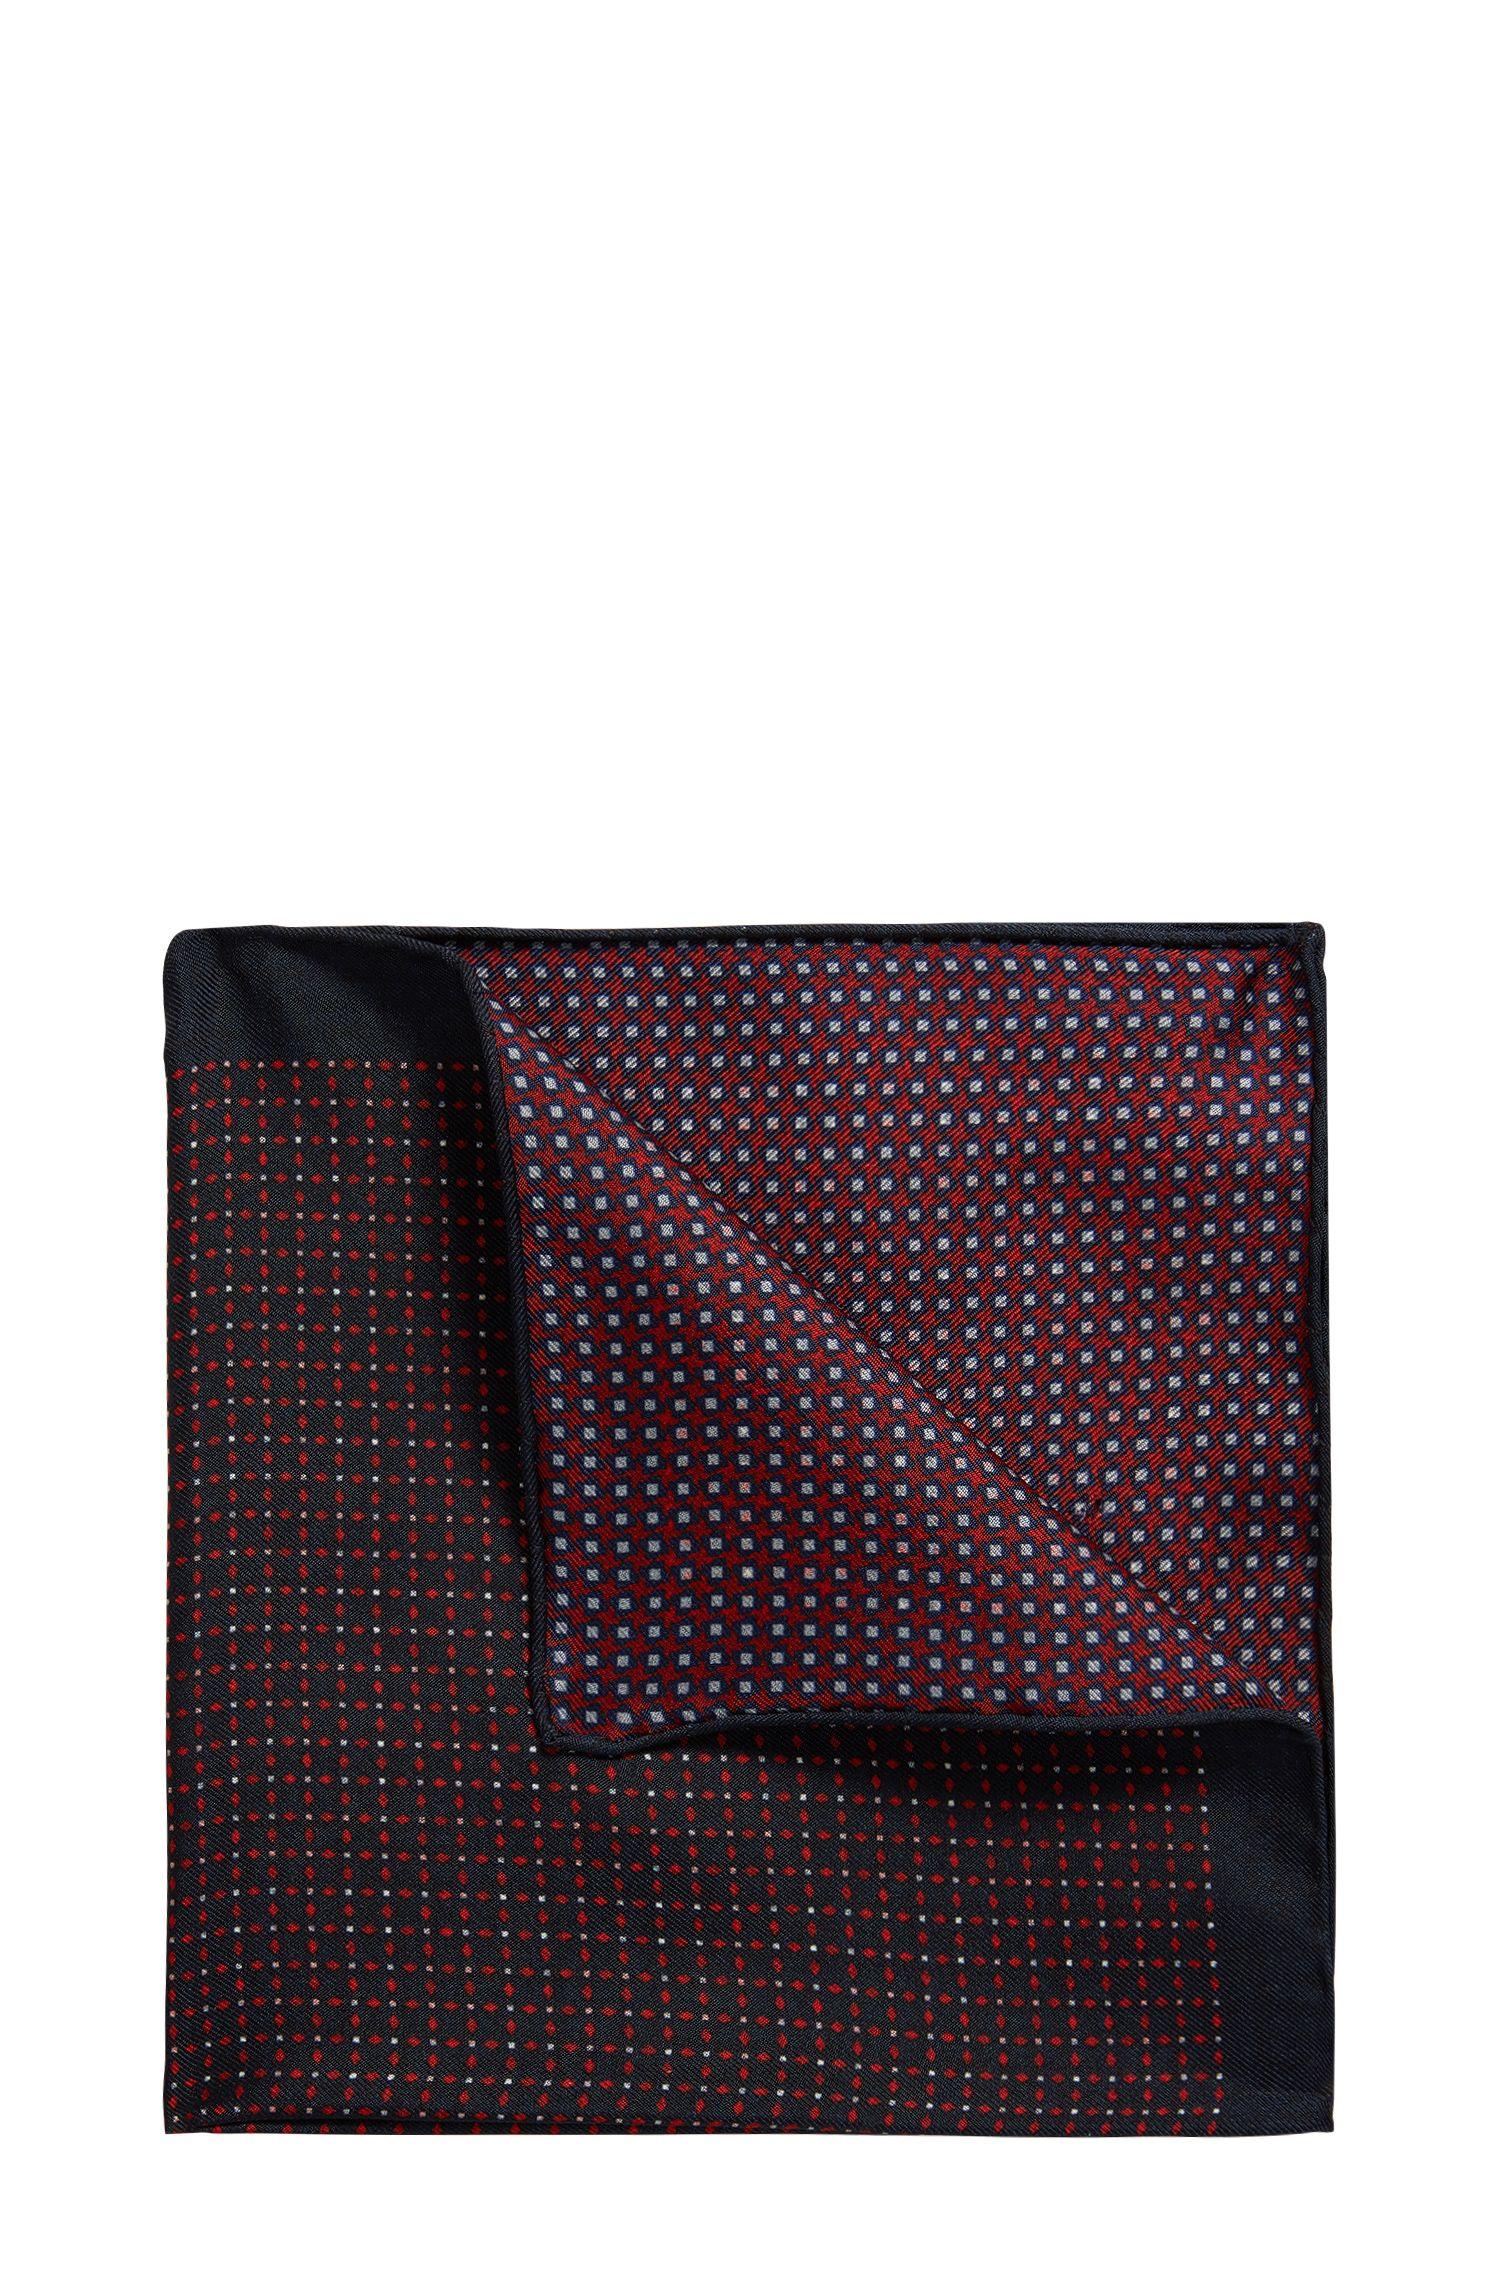 Pochet van zuivere zijde met twee prints